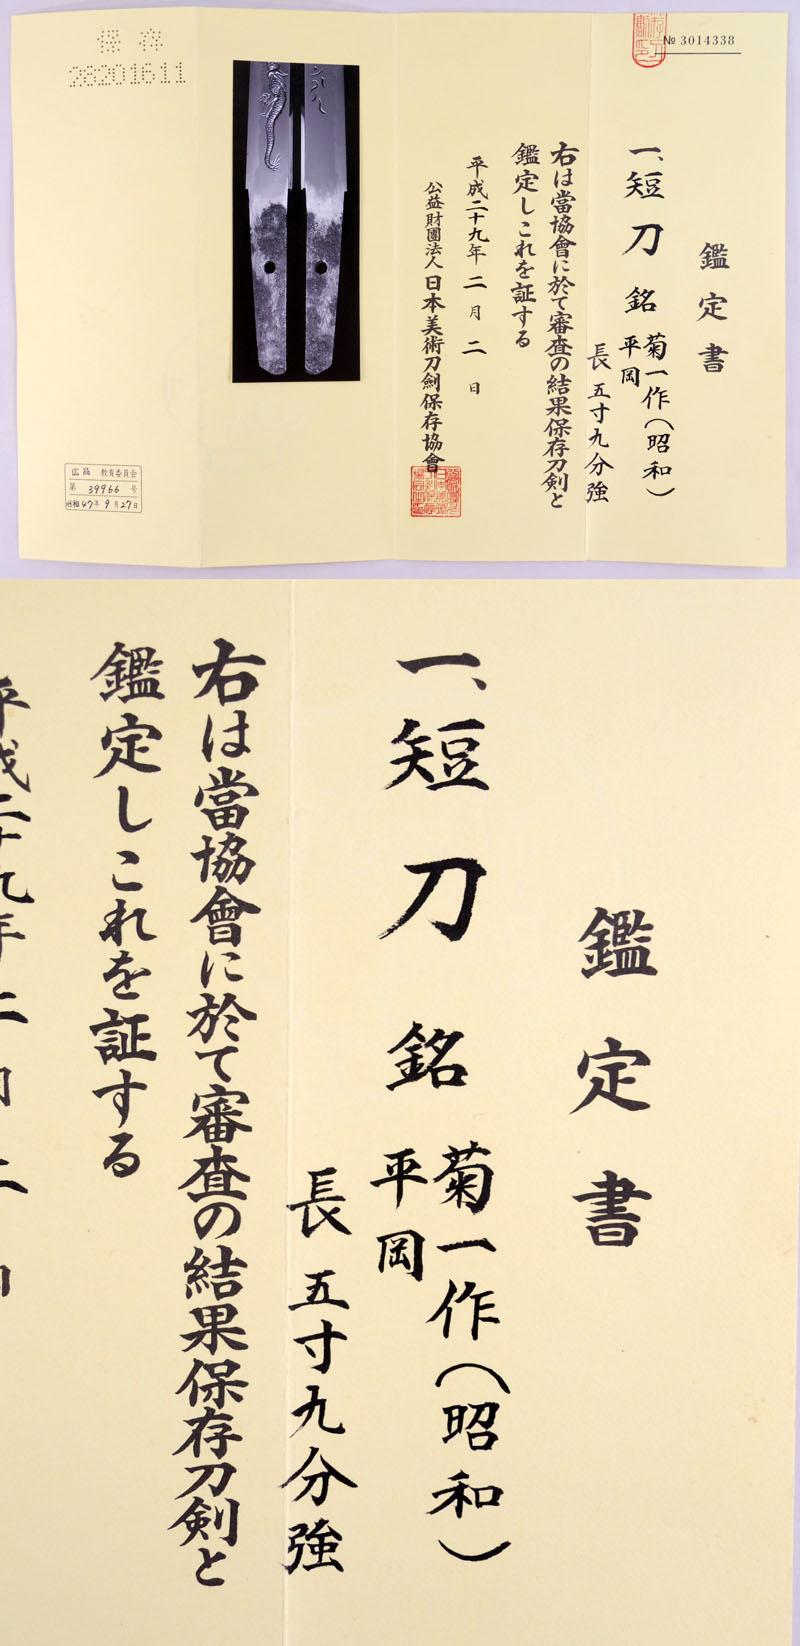 菊一作(昭和)鑑定書画像